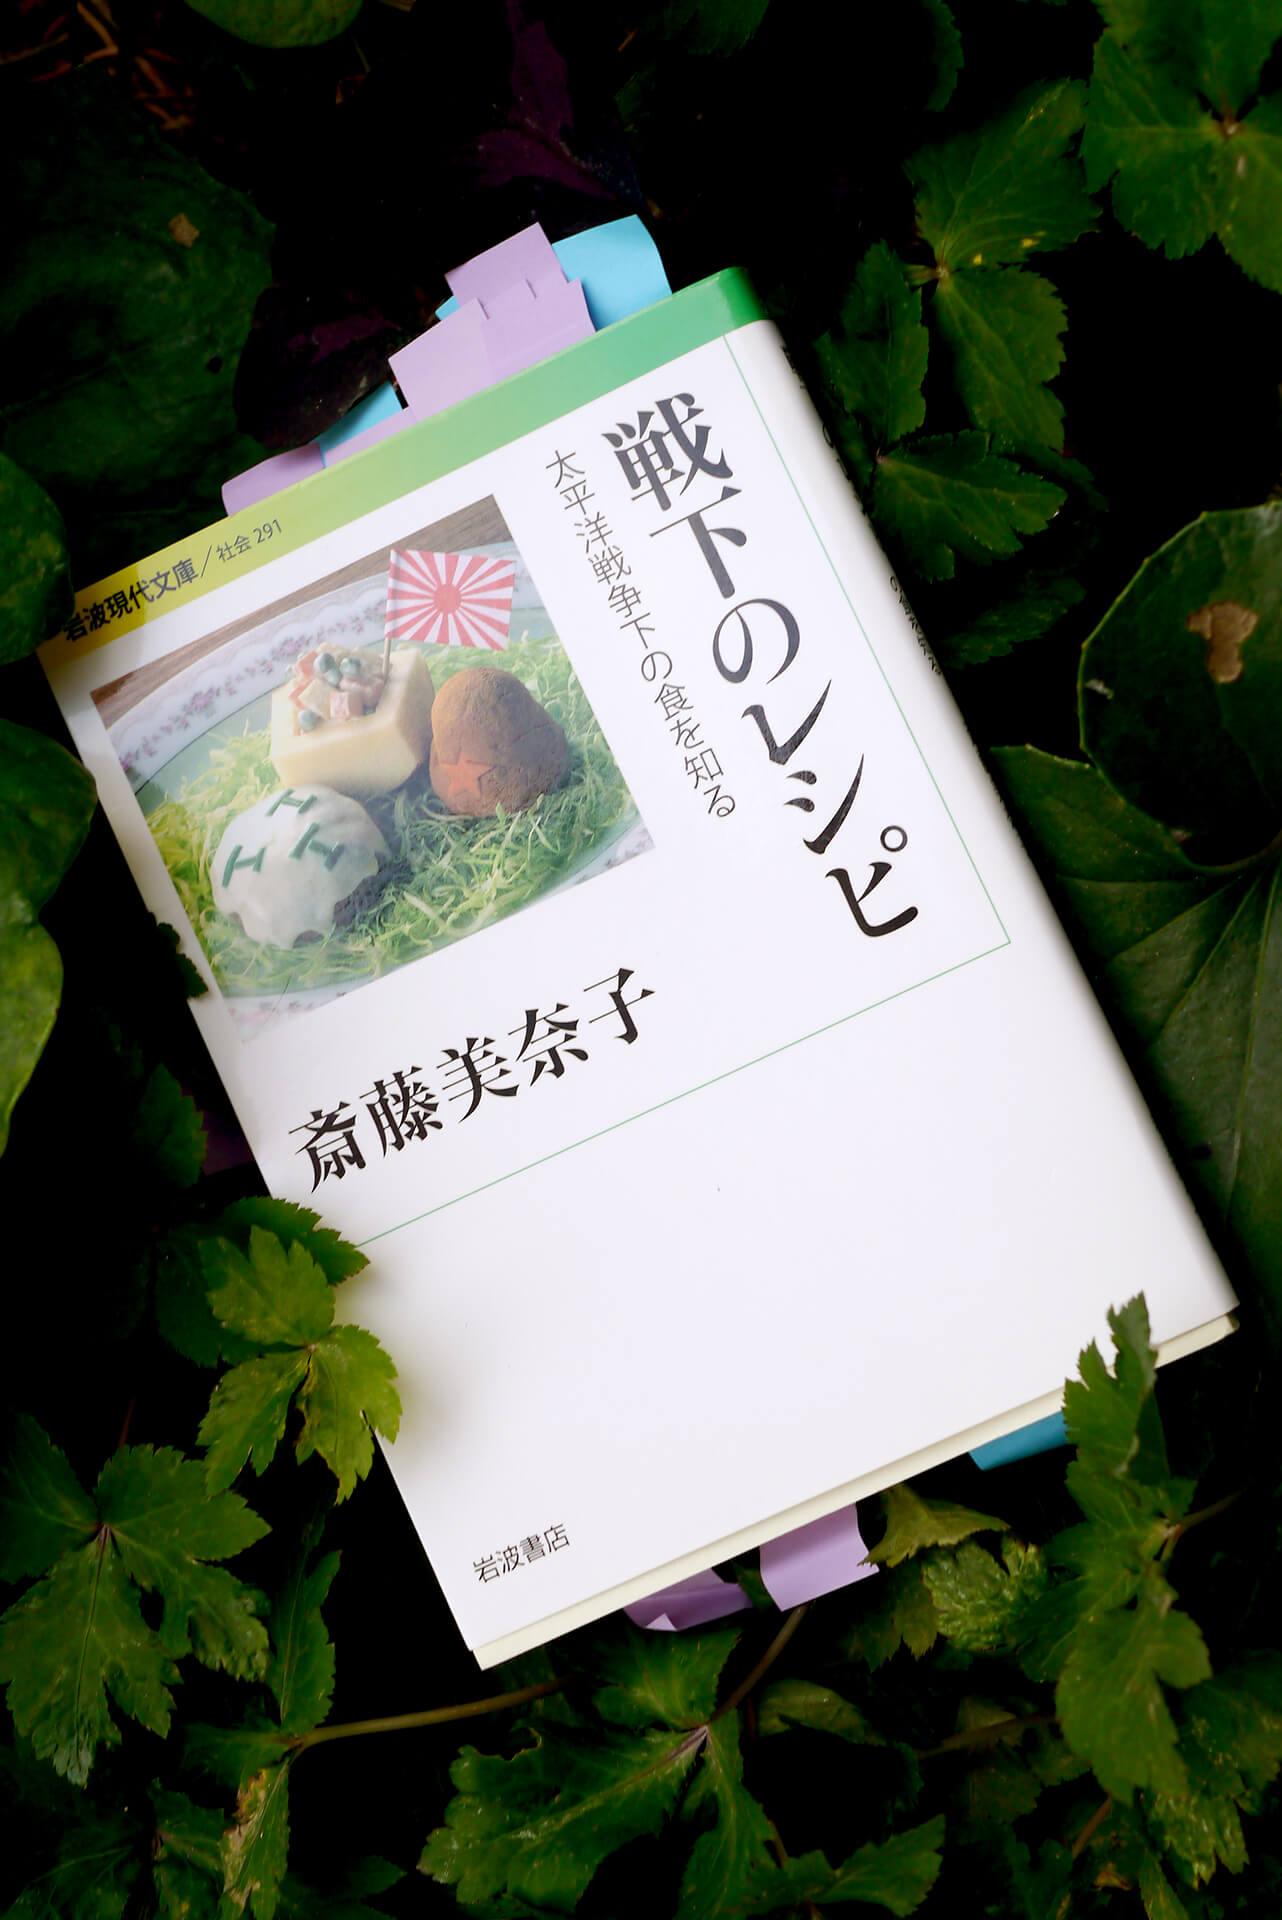 書籍戦下のレシピ――太平洋戦争下の食を知る(斎藤 美奈子/岩波書店)」の表紙画像